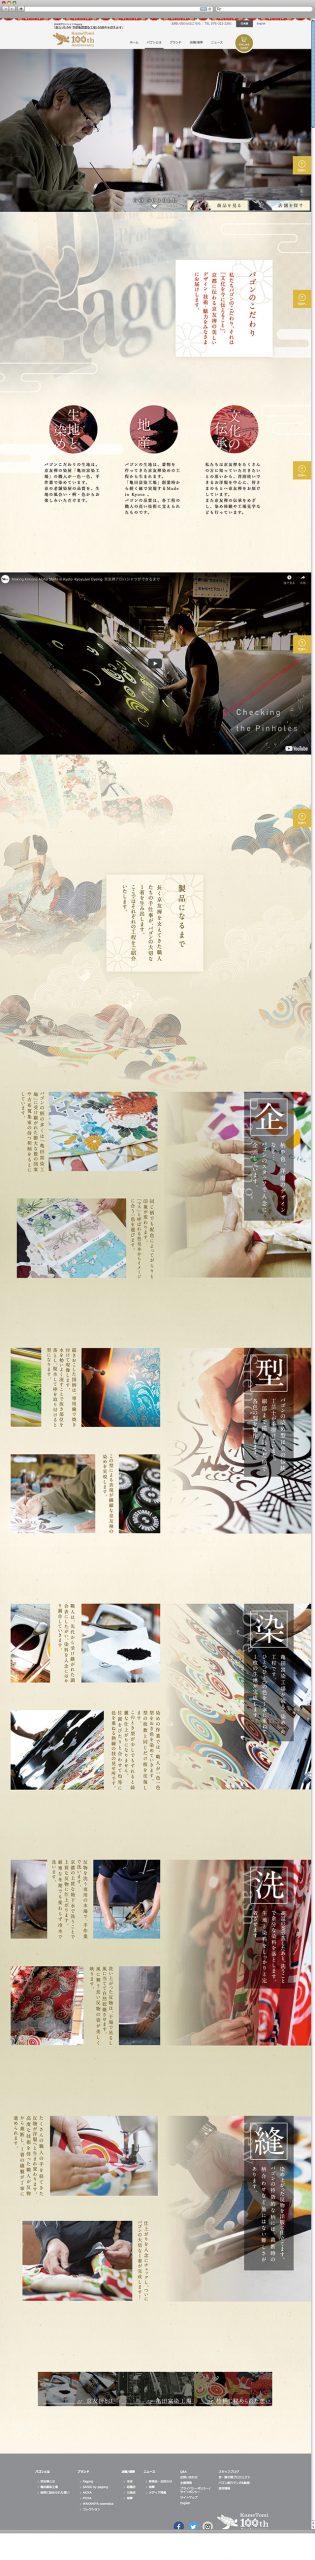 染色メーカー WEBサイト デザイン制作、コーディング